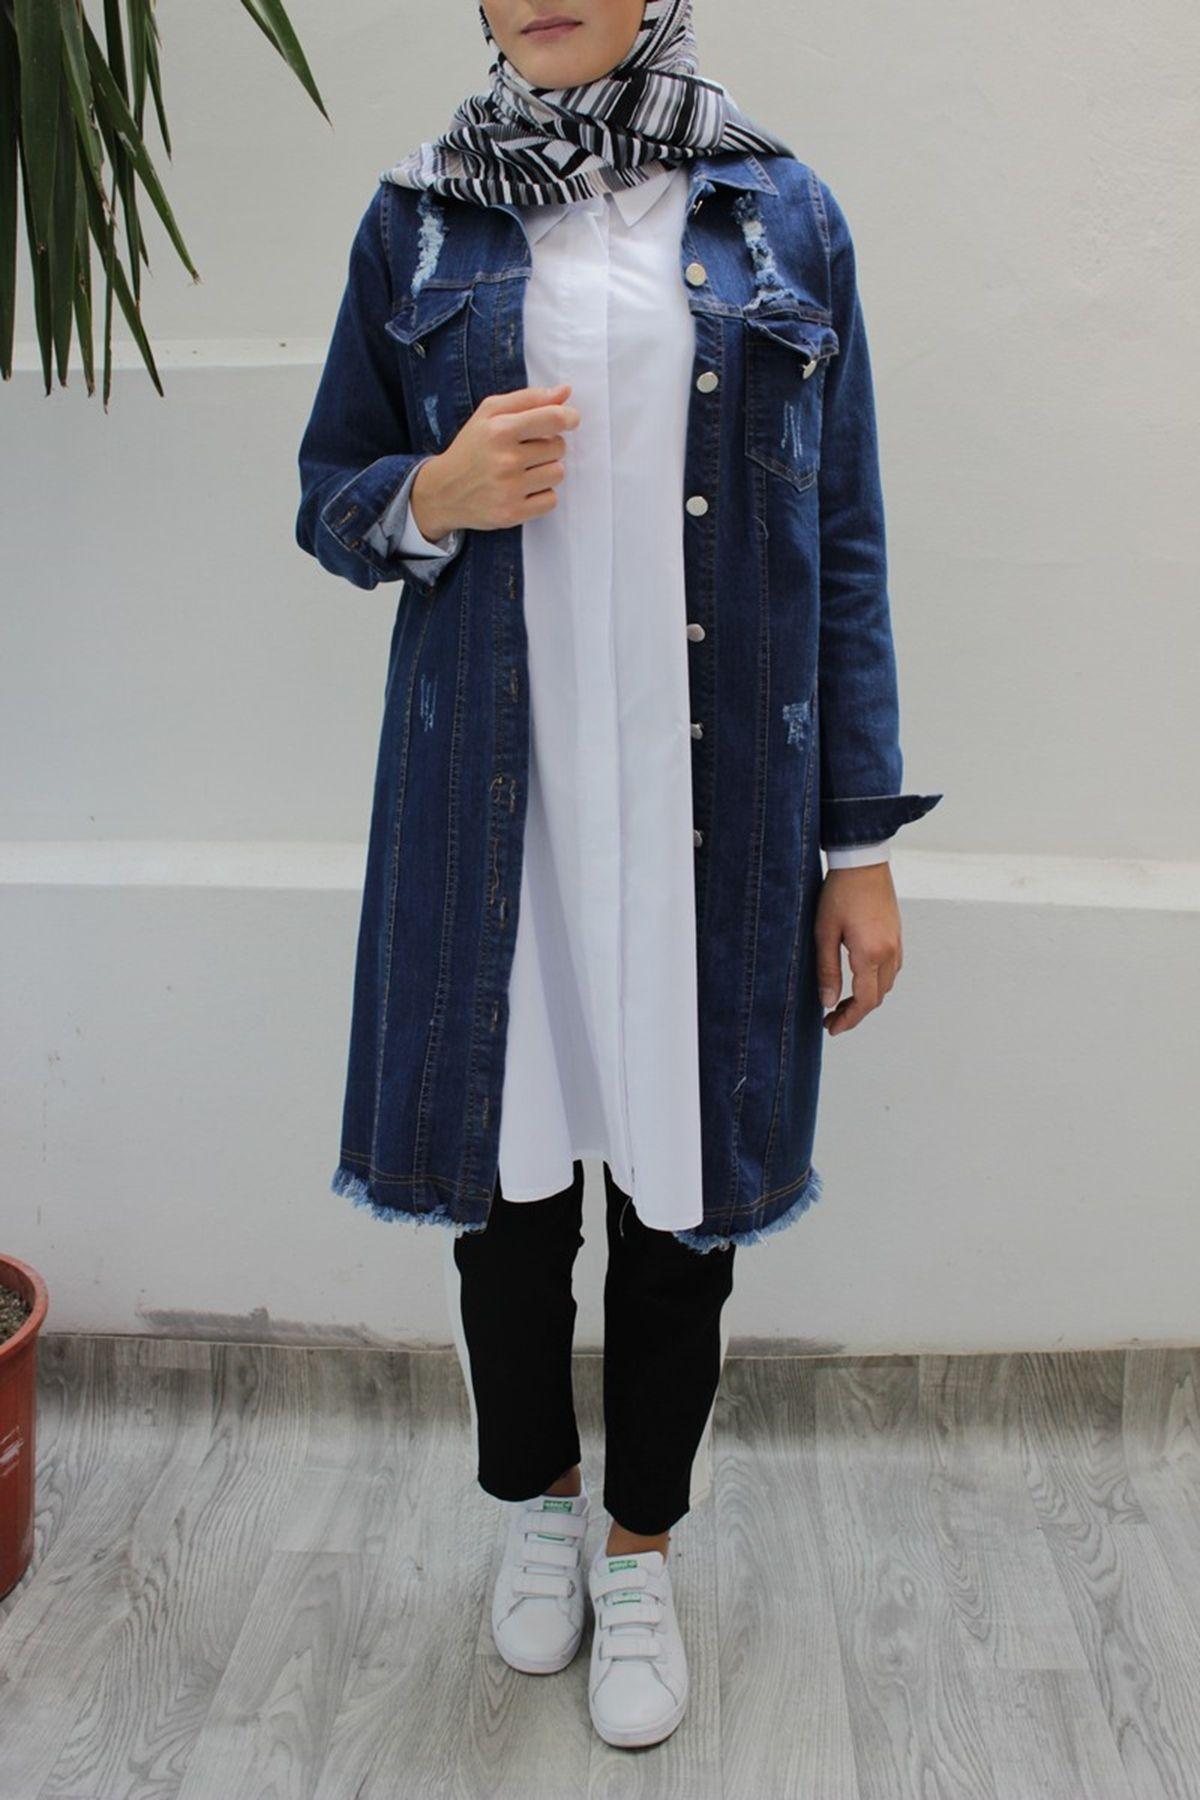 Modaonur Tesettur Uzun Kot Ceket Modelleri Moda Tesettur Giyim Kot Ceket Moda Moda Stilleri